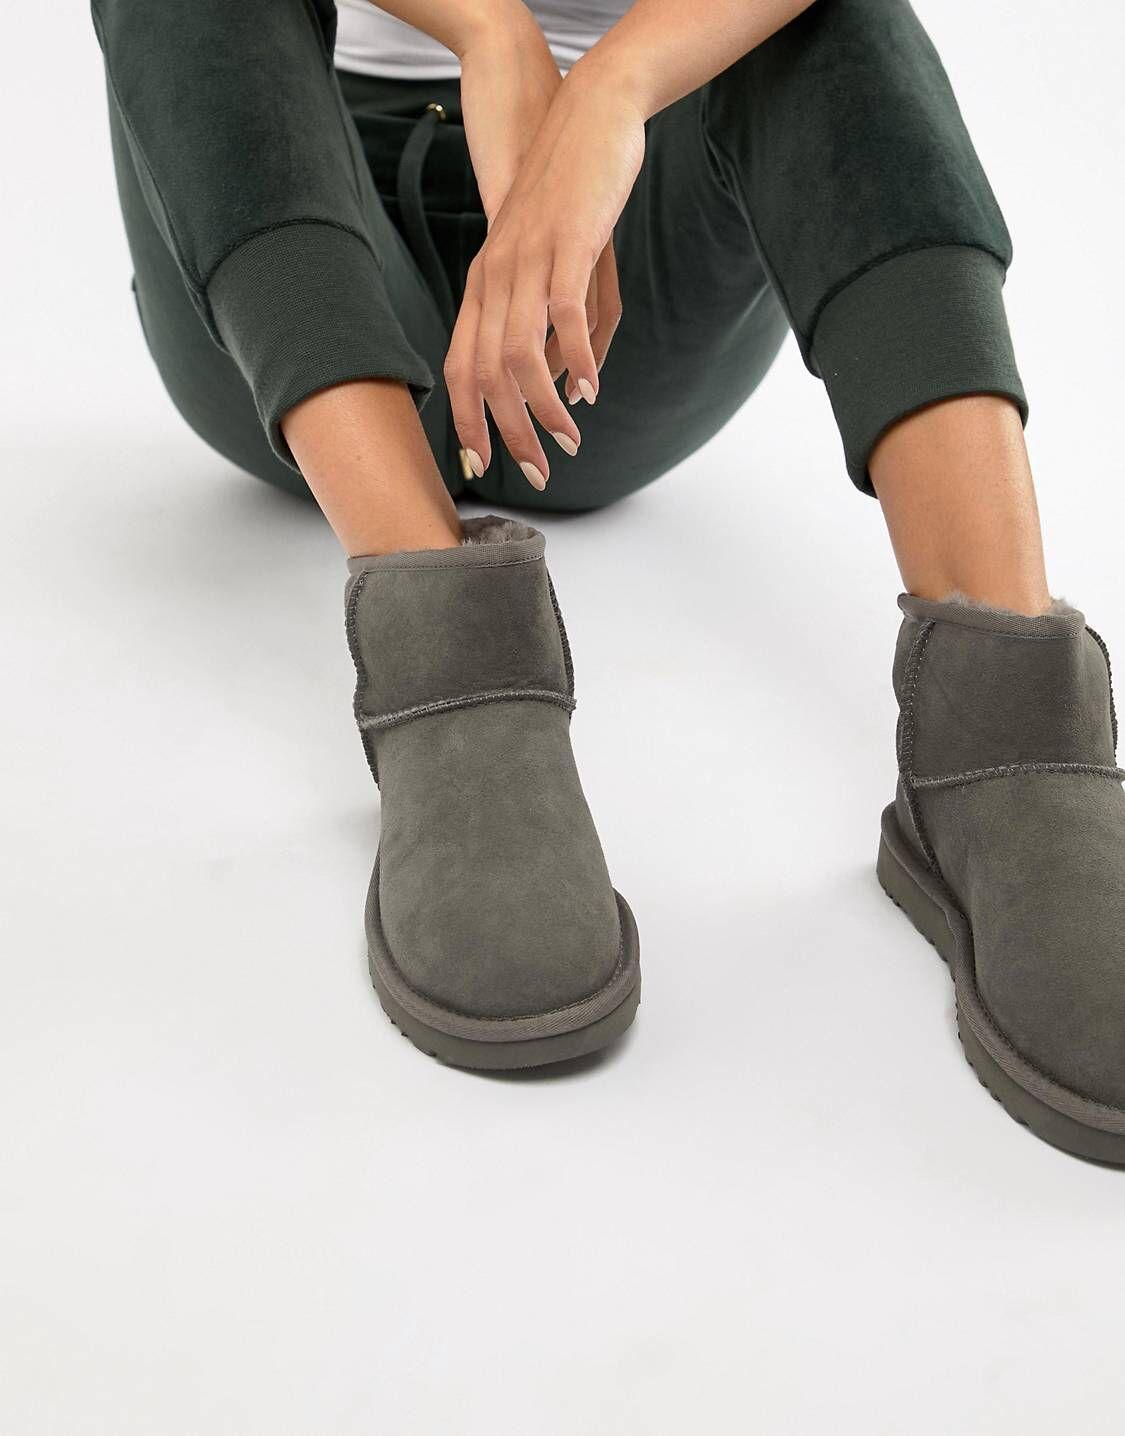 Ugg classic mini, Ugg boots, Grey boots